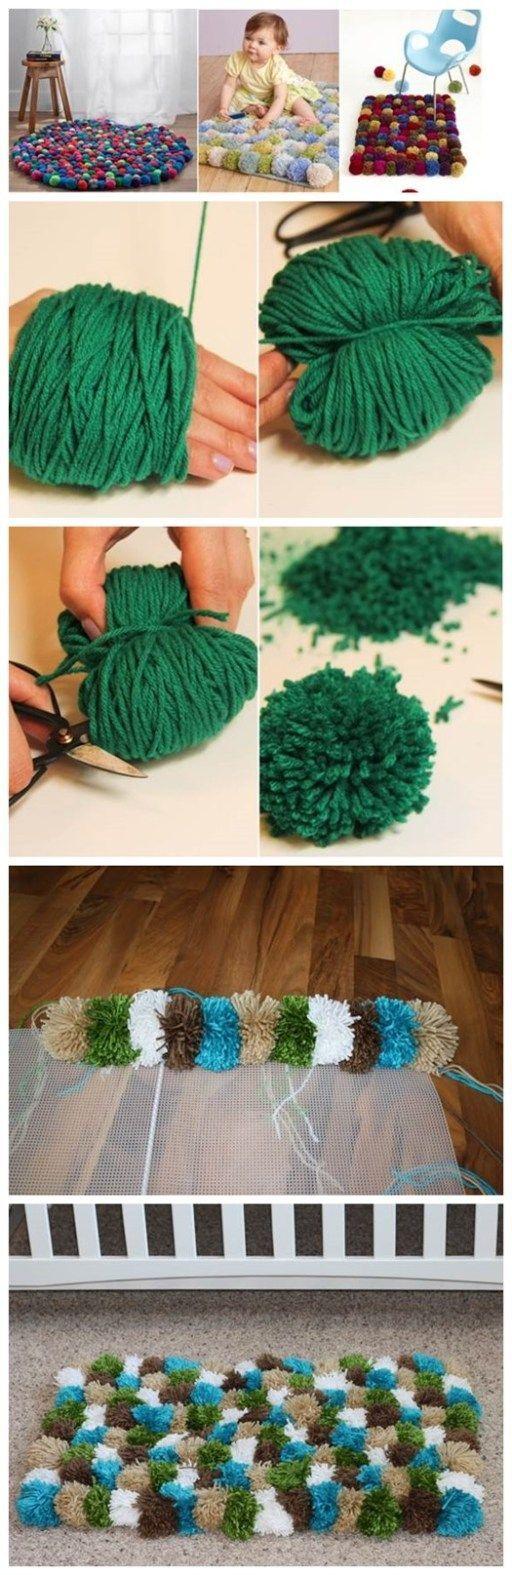 Cykl: Zrób to sam - mięciutki dywan - Studio Barw - świat wnętrz z dziecięcych snów